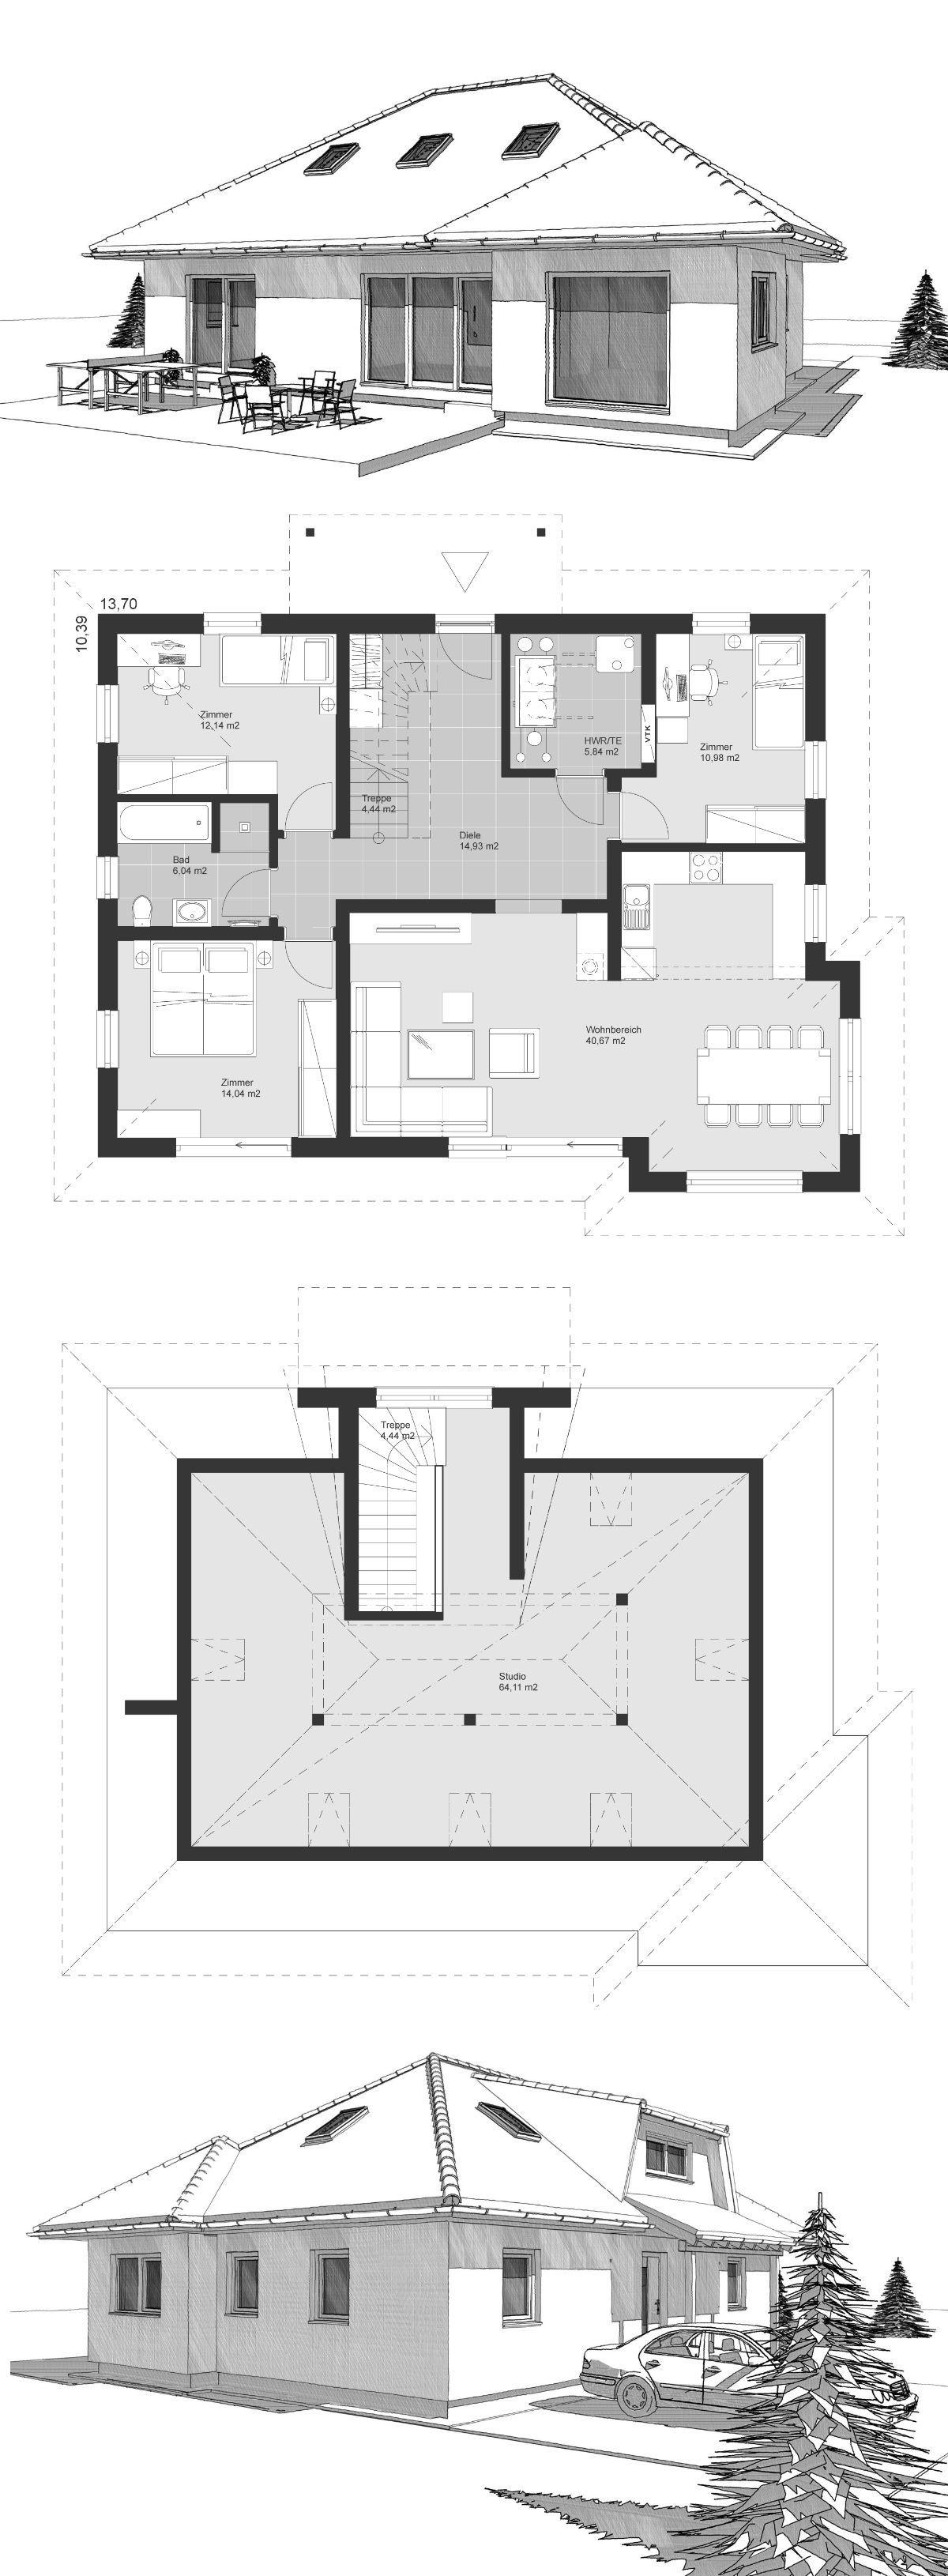 Bungalow Haus mit Dachausbau & Walmdach Architektur, 5